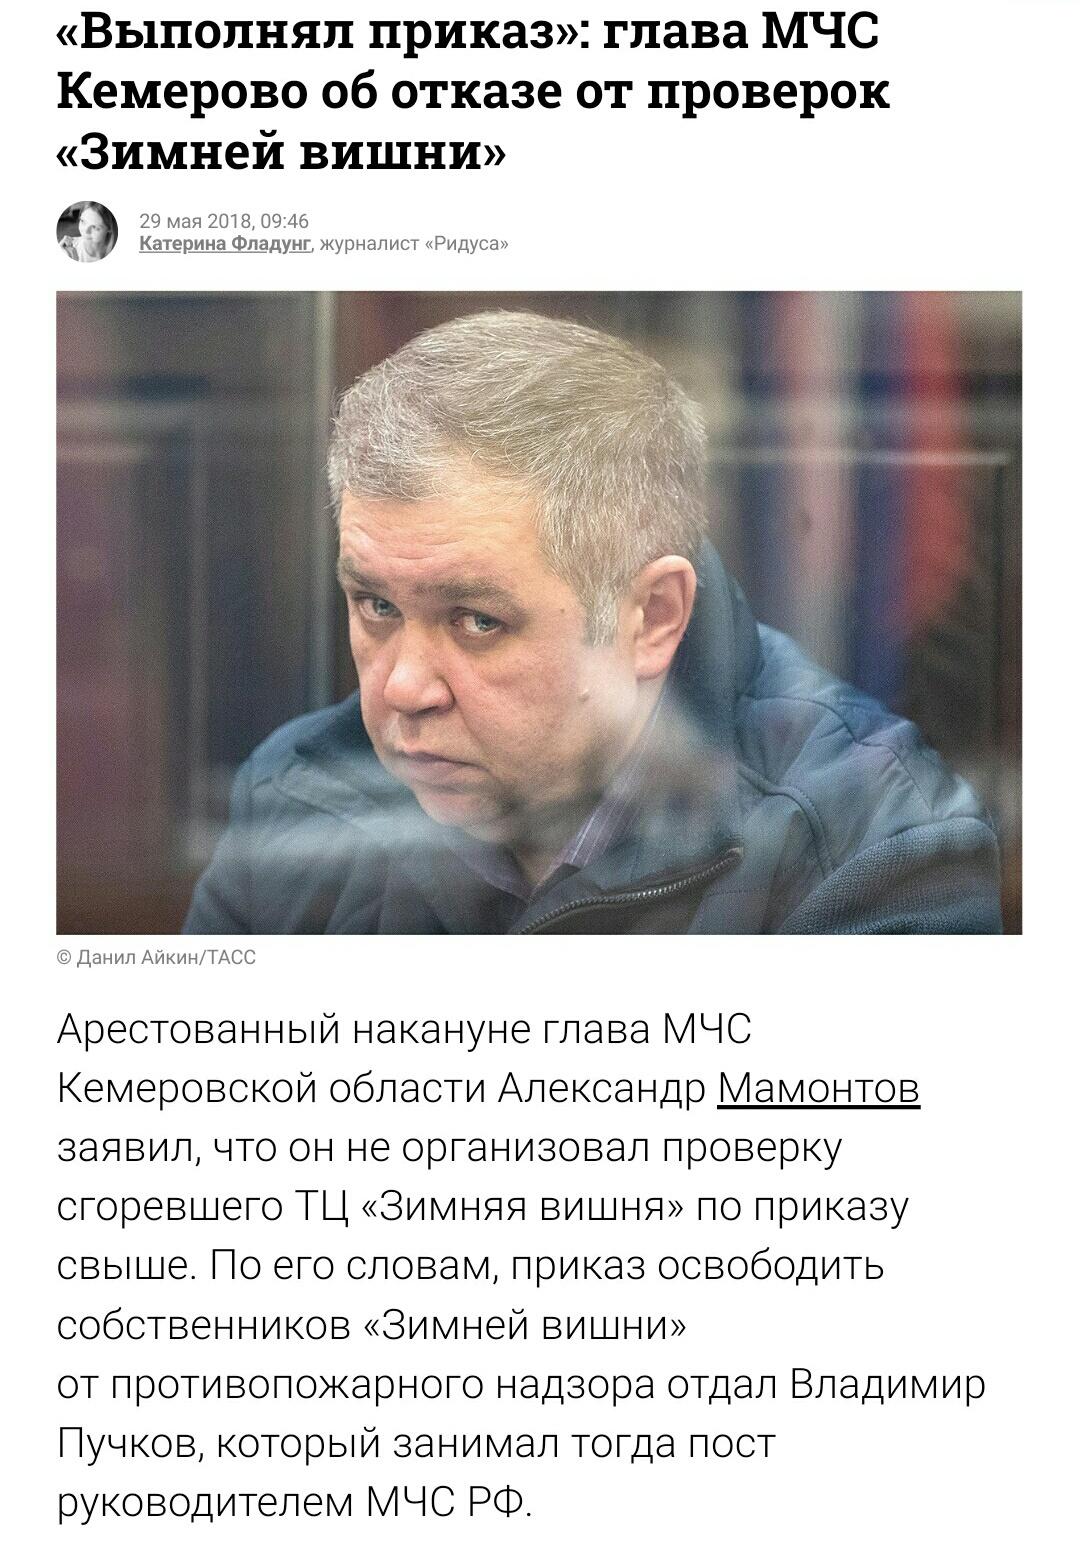 sredniy-huy-i-zalupa-muzhikov